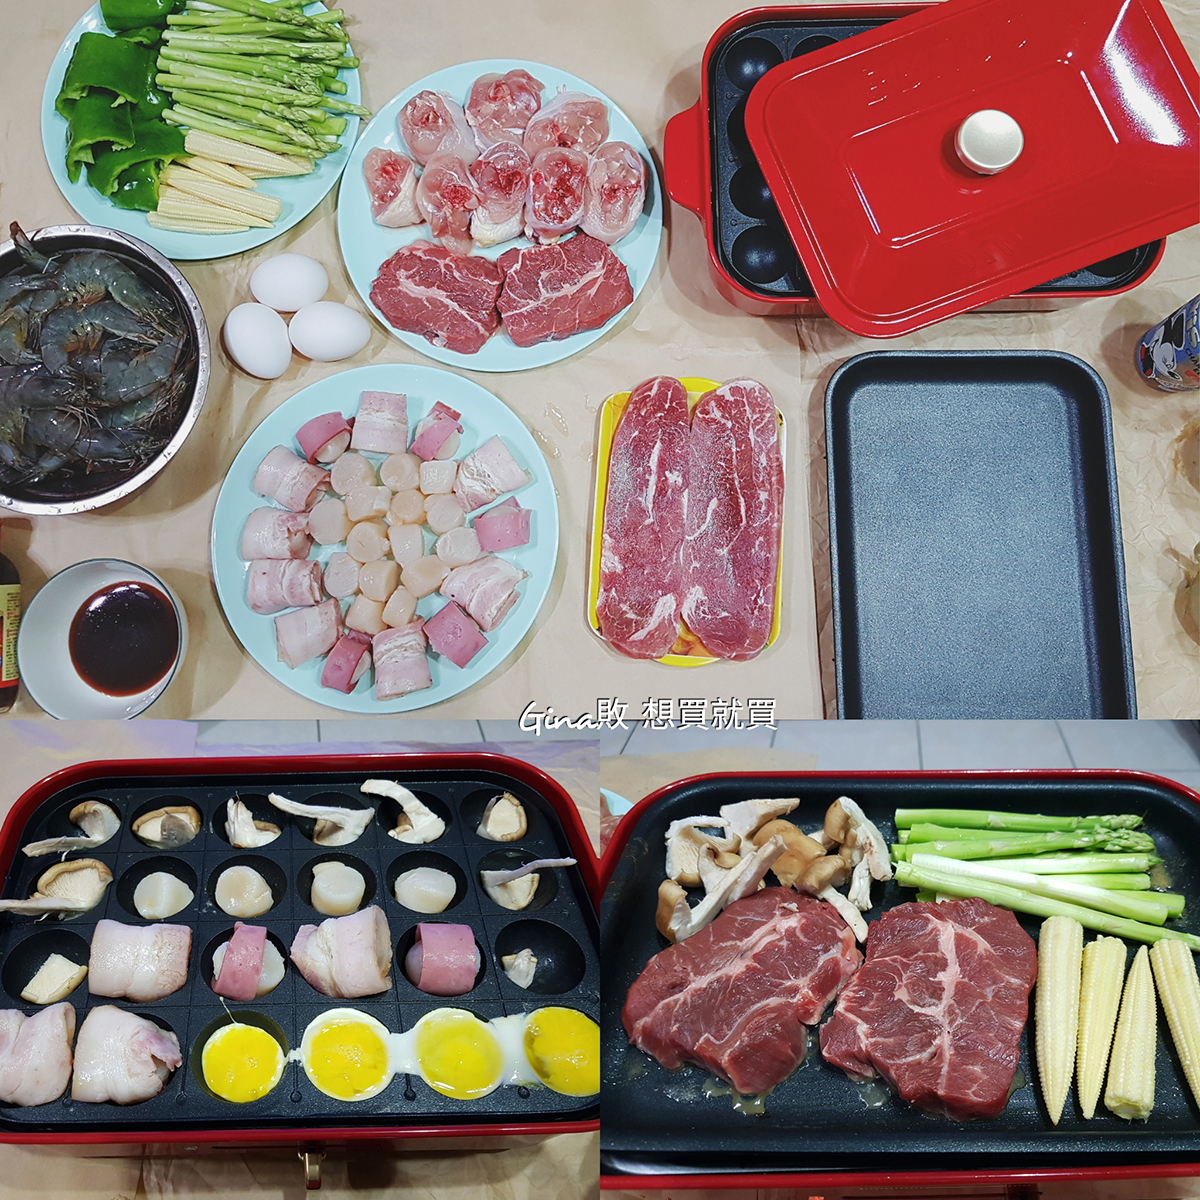 【2020日本BRUNO團購】熱銷多功能電烤盤|居家燒烤、烤肉必備 @GINA環球旅行生活